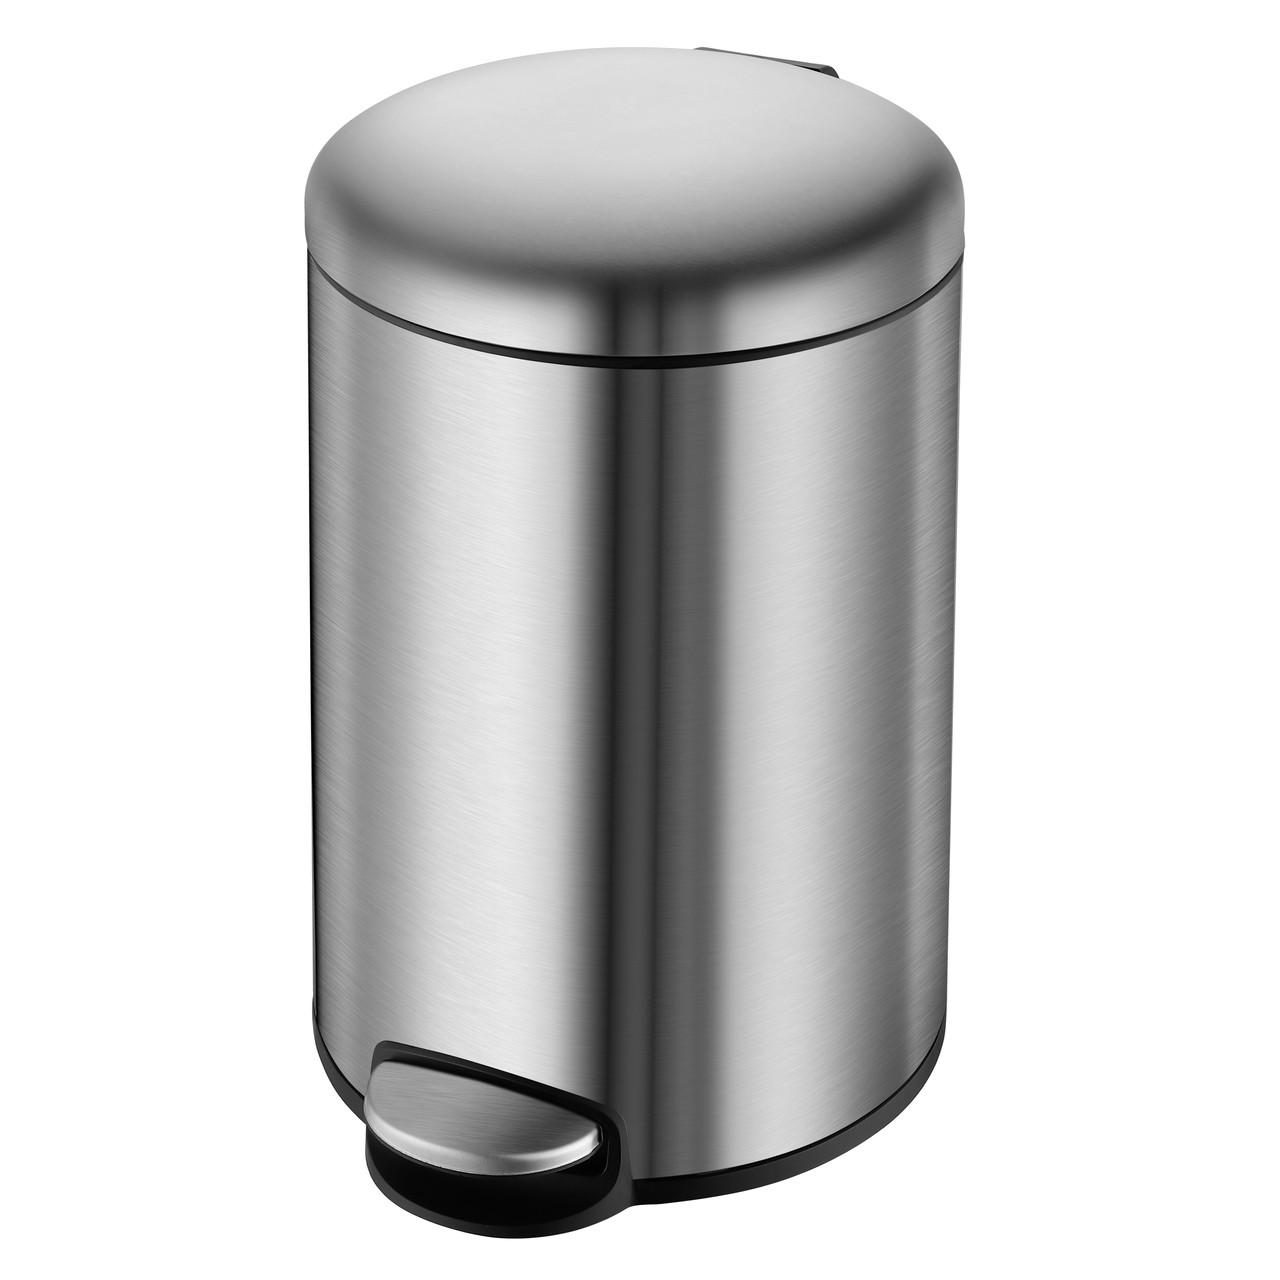 Відро для сміття з педаллю VOLLE 14-05-53ST 5 л матова сталь